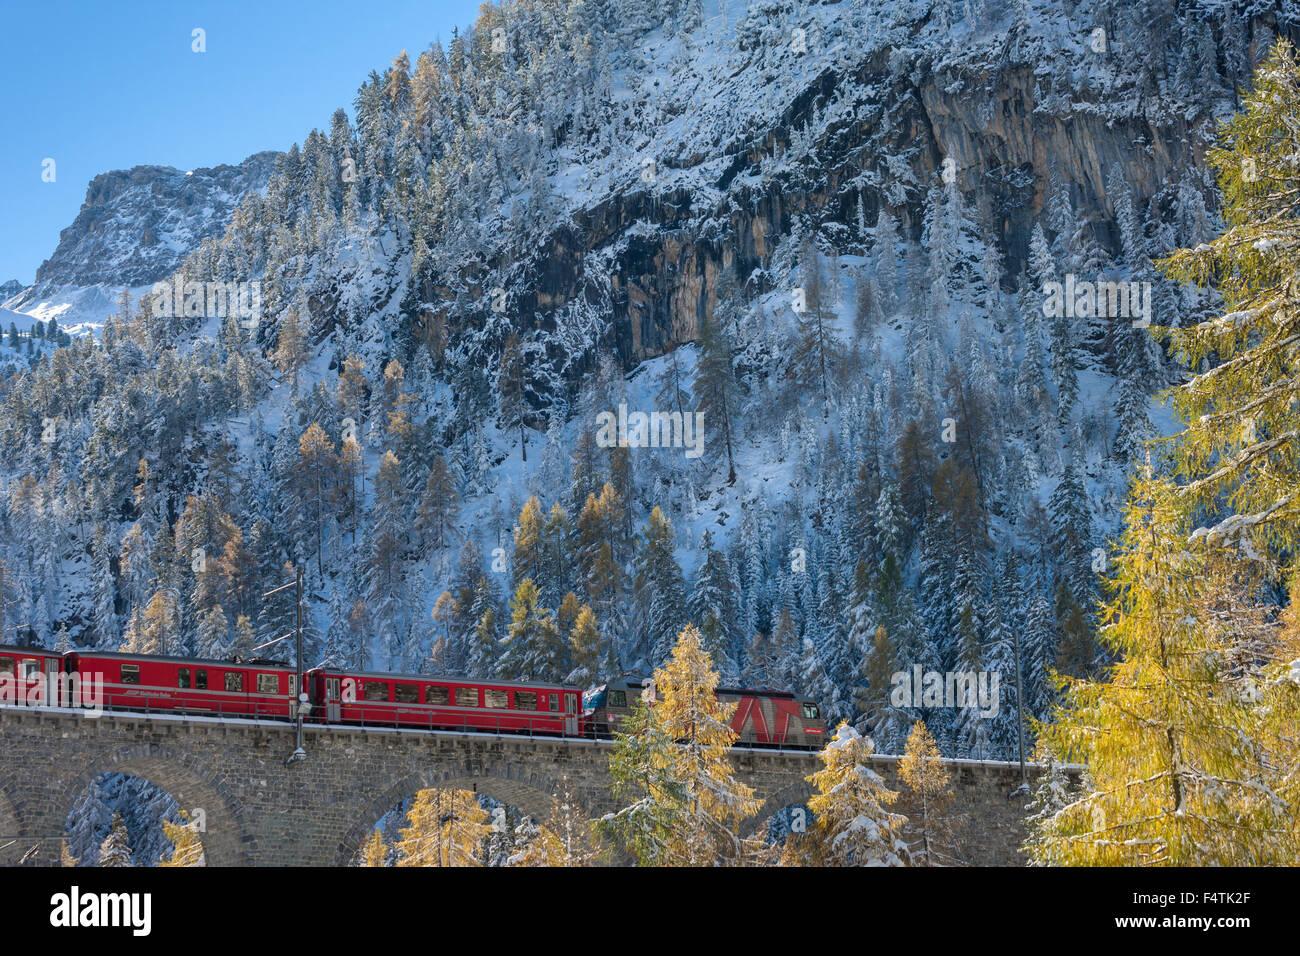 Chemin de fer de l'Albula, Albula, railroad, train, Suisse, cantons, Valais, Grisons, l'UNESCO, patrimoine Photo Stock